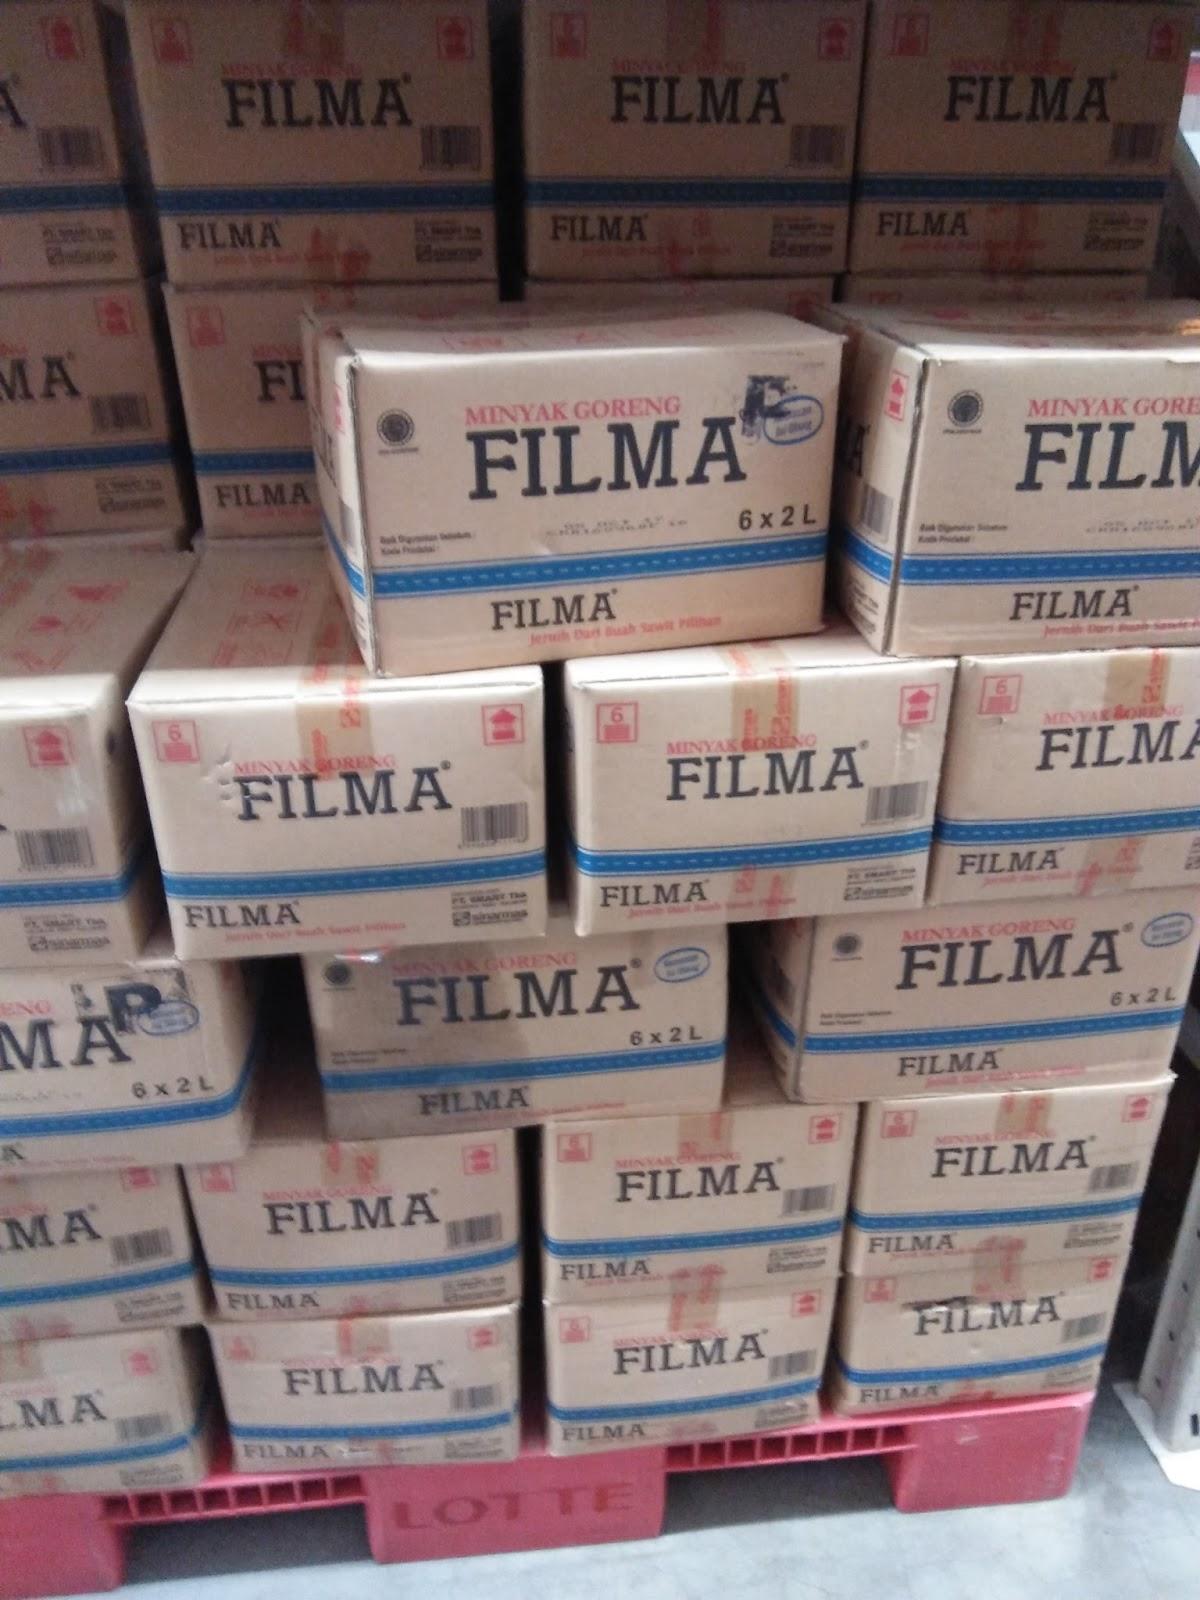 Distributor Bahan Sembako Murah Januari 2017 Minyak Goreng Filma 2 L Pounch Emailcscustomerofficegmailcom